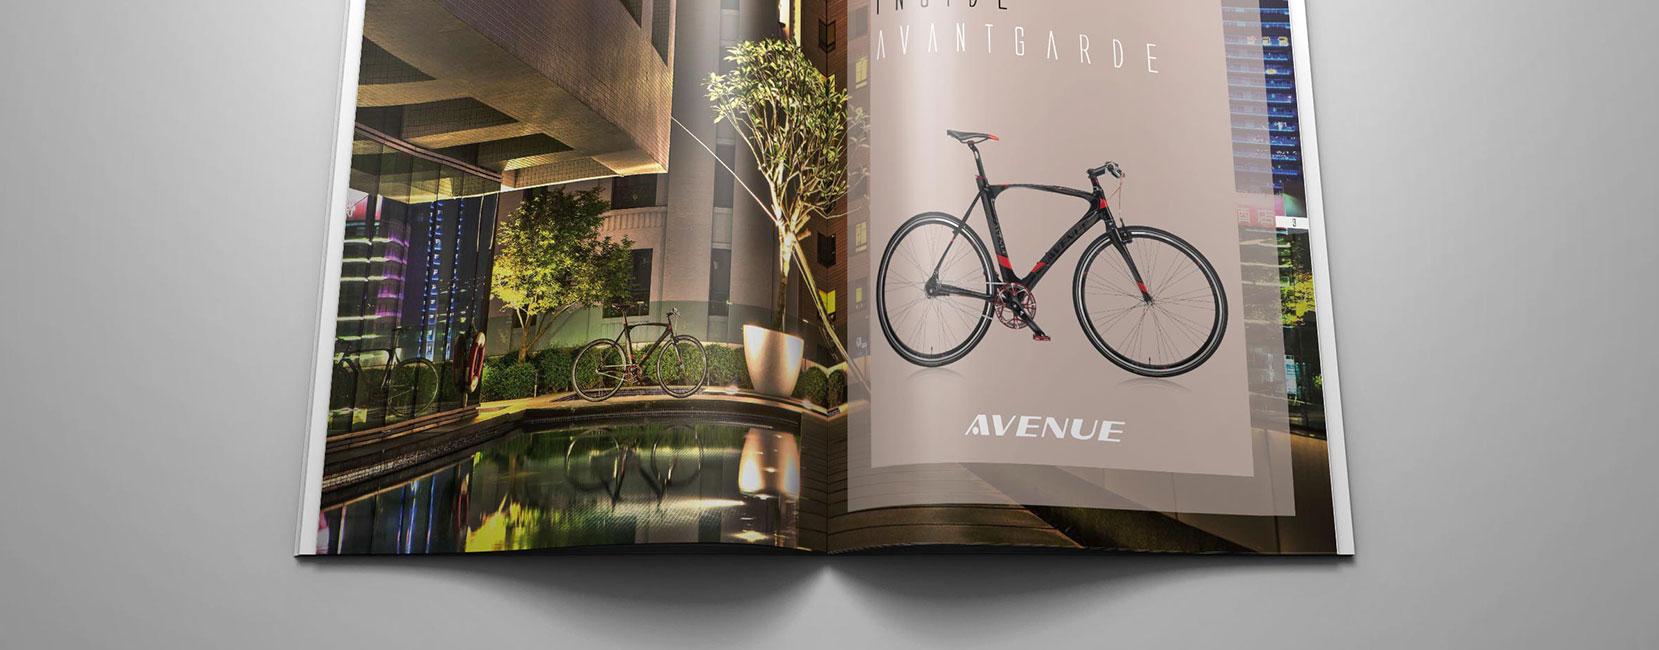 Avenue Bikes 2015